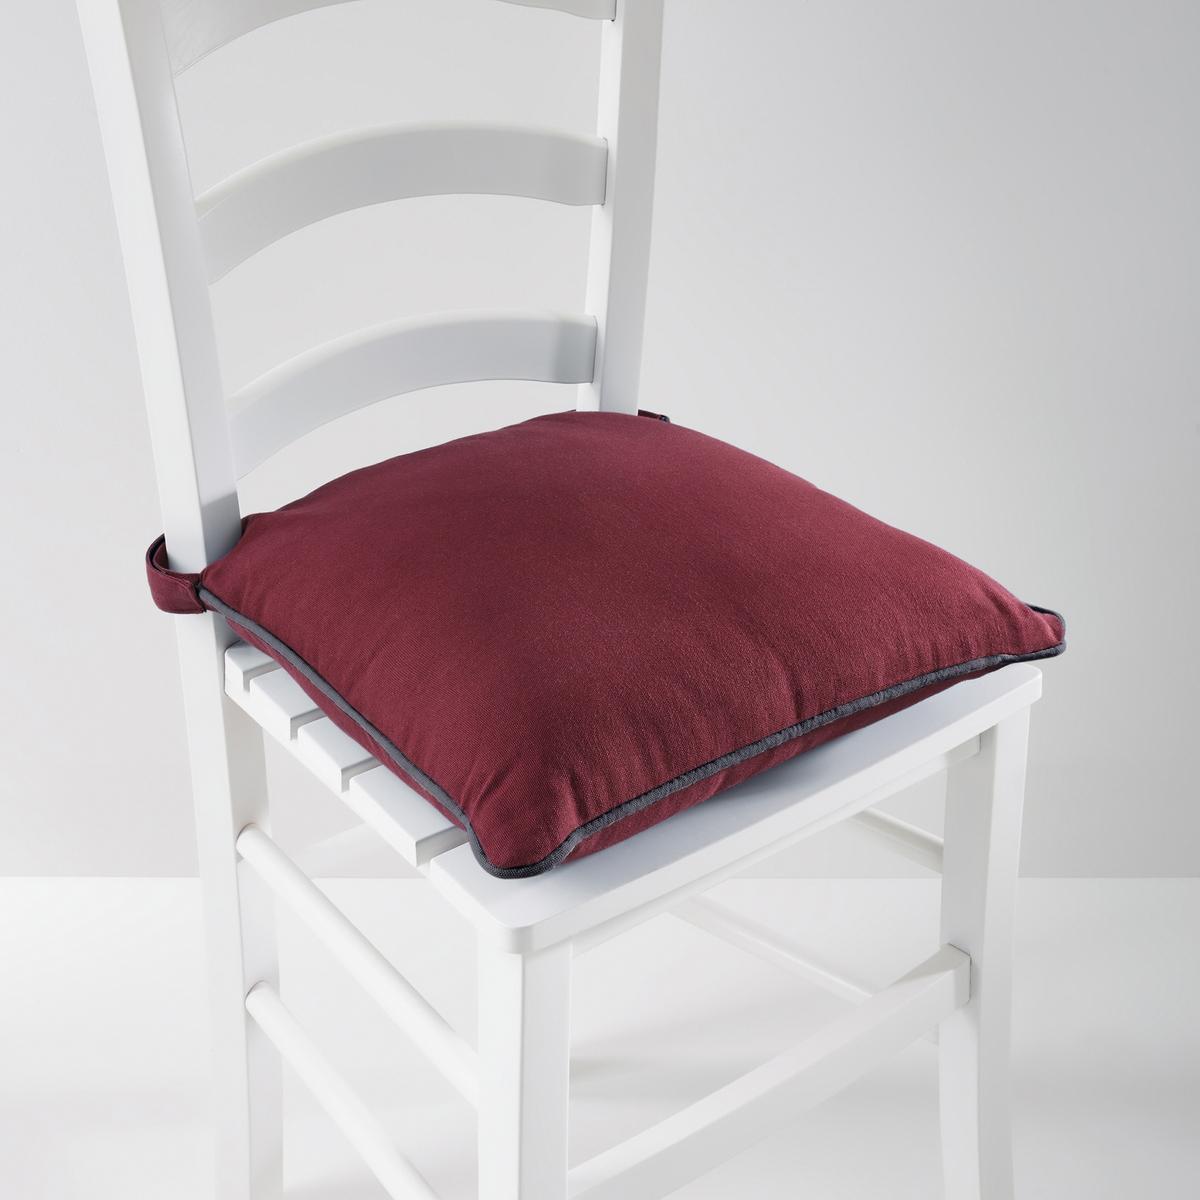 Подушка для стула, BRIDGYМягкая, удобная подушка для стула существует в 5 модных расцветках с контрастным кантом. Сочетается с другими чехлами этой коллекции для мебели: кресел, диванов, стульев и для декоративных подушек, которые украсят Ваш интерьер! Коллекция предметов декора Valeur S?re - качественные изделия с красивой отделкой. Существует 5 однотонных расцветок и 1 принт в полоску (не для всех моделей). Все чехлы для мебели: кресел, диванов, стульев и для декоративных подушек (продаются отдельно на нашем сайте) отлично сочетаются. Состав, описание и уход: - 100% хлопок, отделка контрастным кантом. - Наполнитель: 100% полиэстера. - Съемный чехол. - Стирать при 40°C.- Застежка текстильная (липучка). - Размеры: 40 x 40 см, толщина: 4 см.Сертификат Oeko-Tex® дает гарантию того, что товары изготовлены без применения химических средств и не представляют опасности для здоровья человека.<br><br>Цвет: индиго/серый жемчужный<br>Размер: единый размер